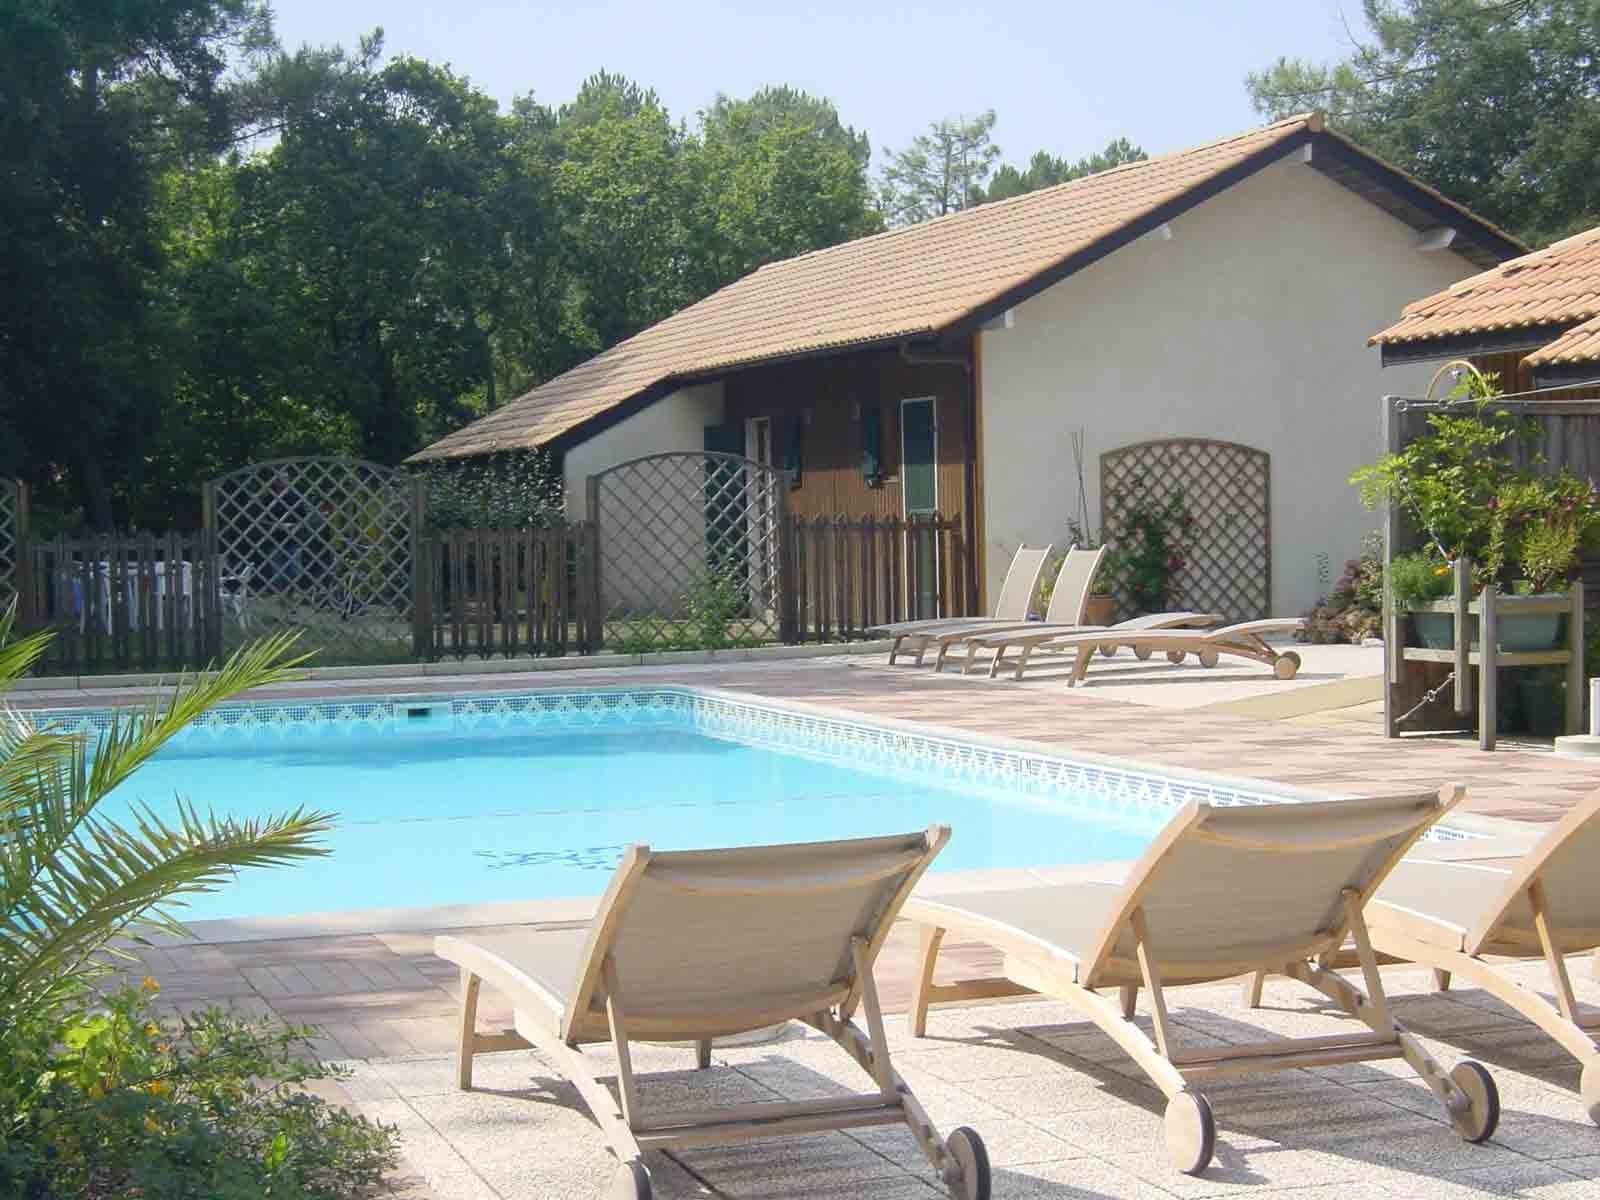 Location de villas dans les landes club dunea locations for Club piscine shawi sud